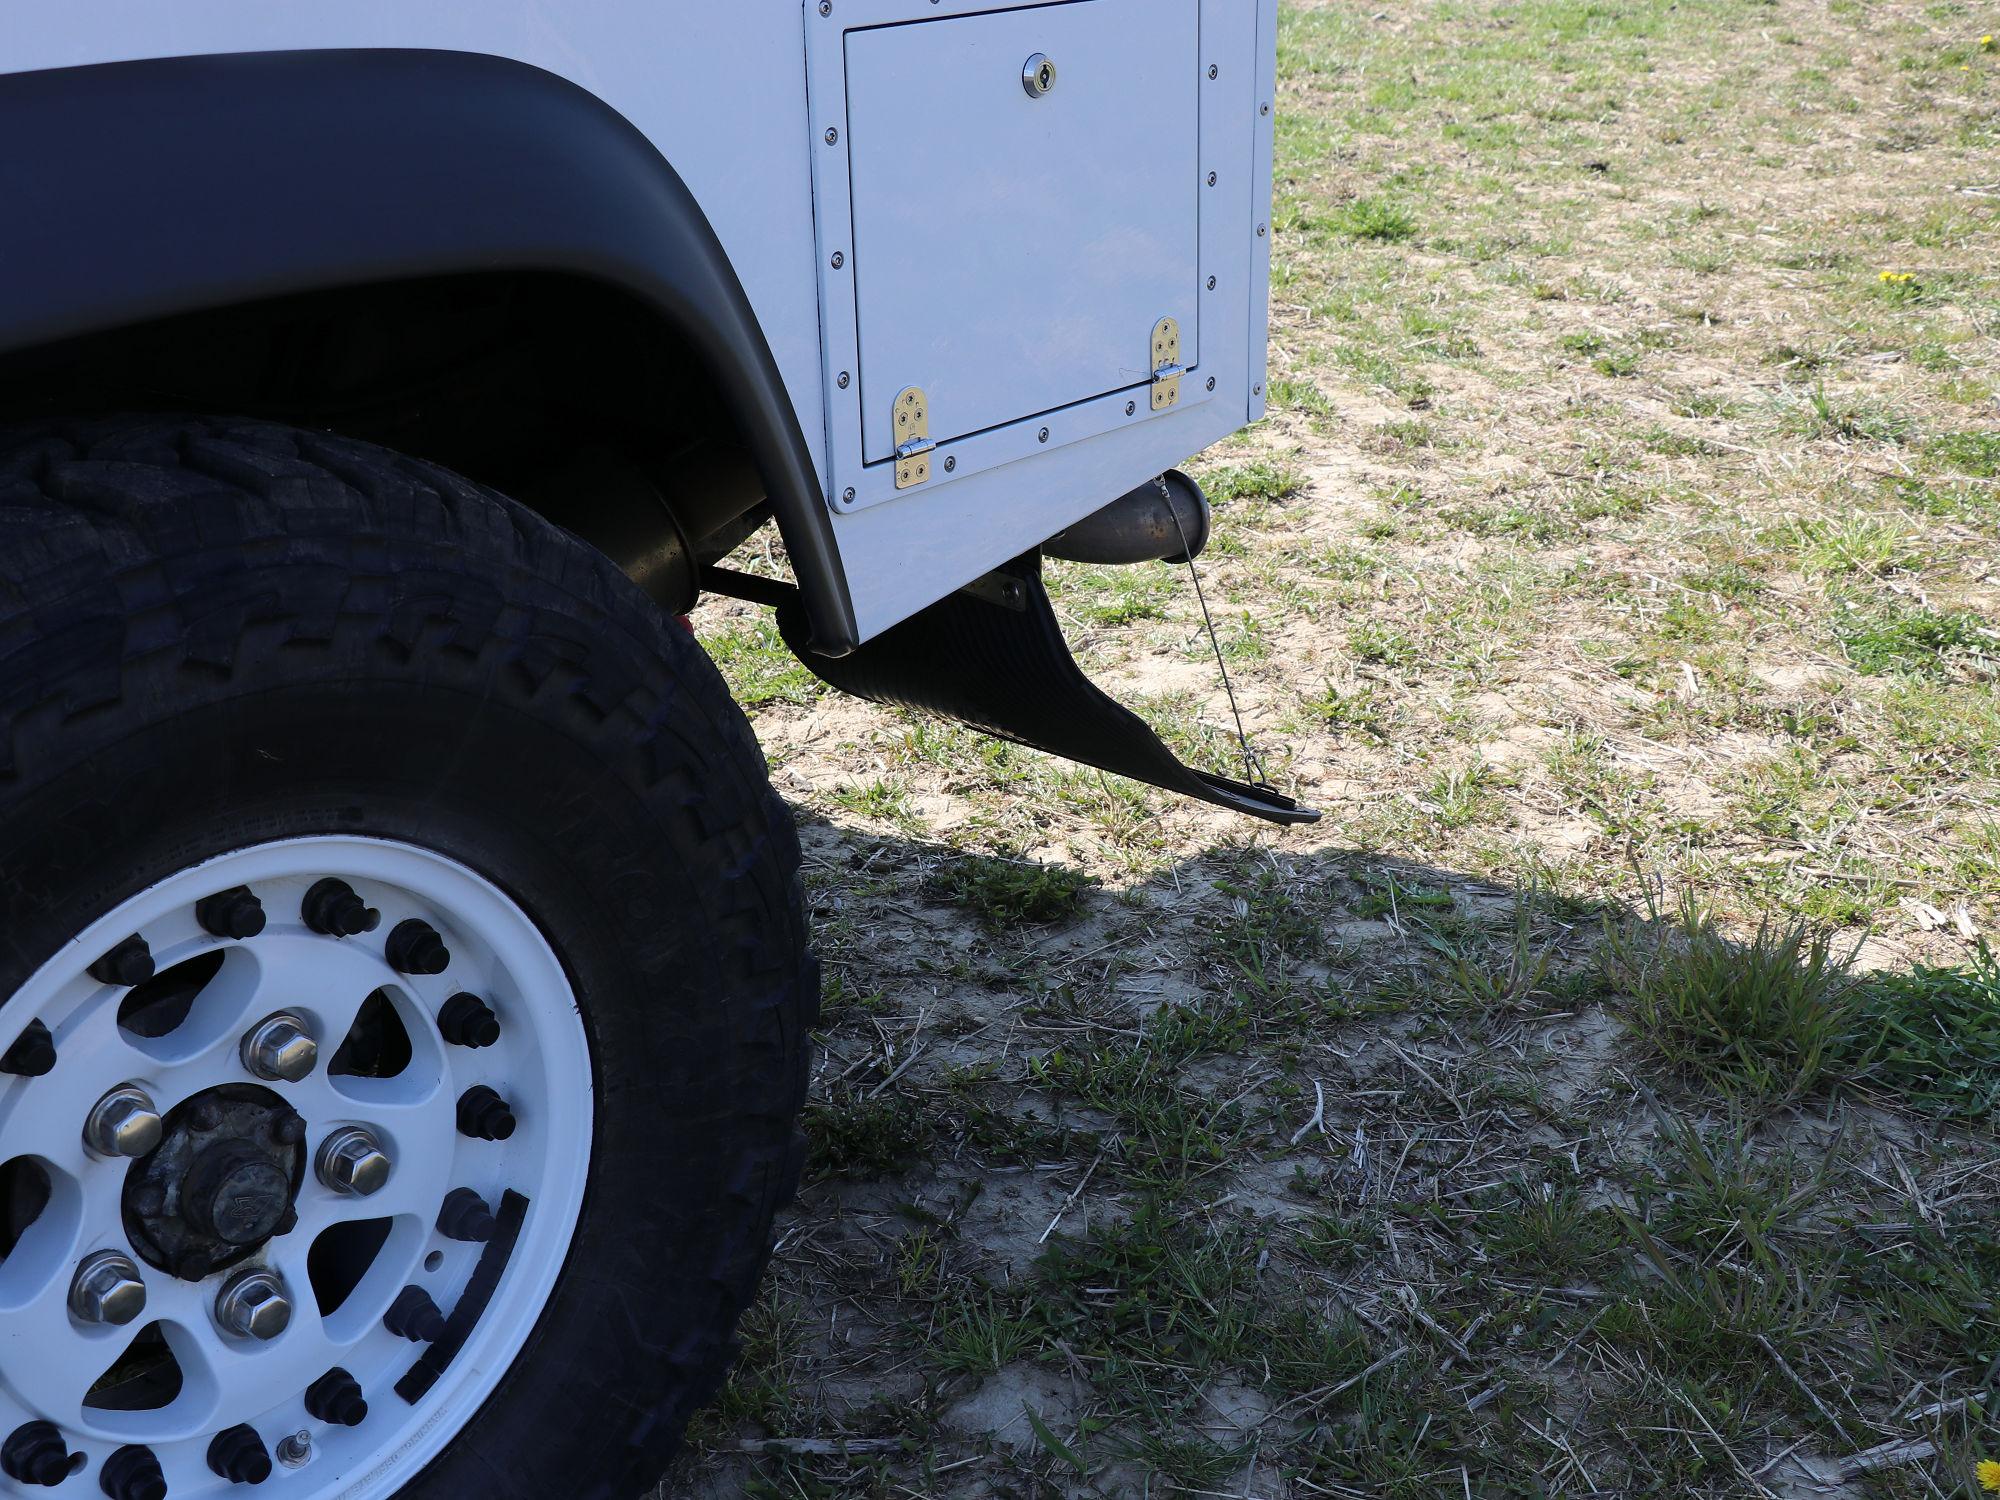 Spritzlappenhalterung Land Rover Defender.003